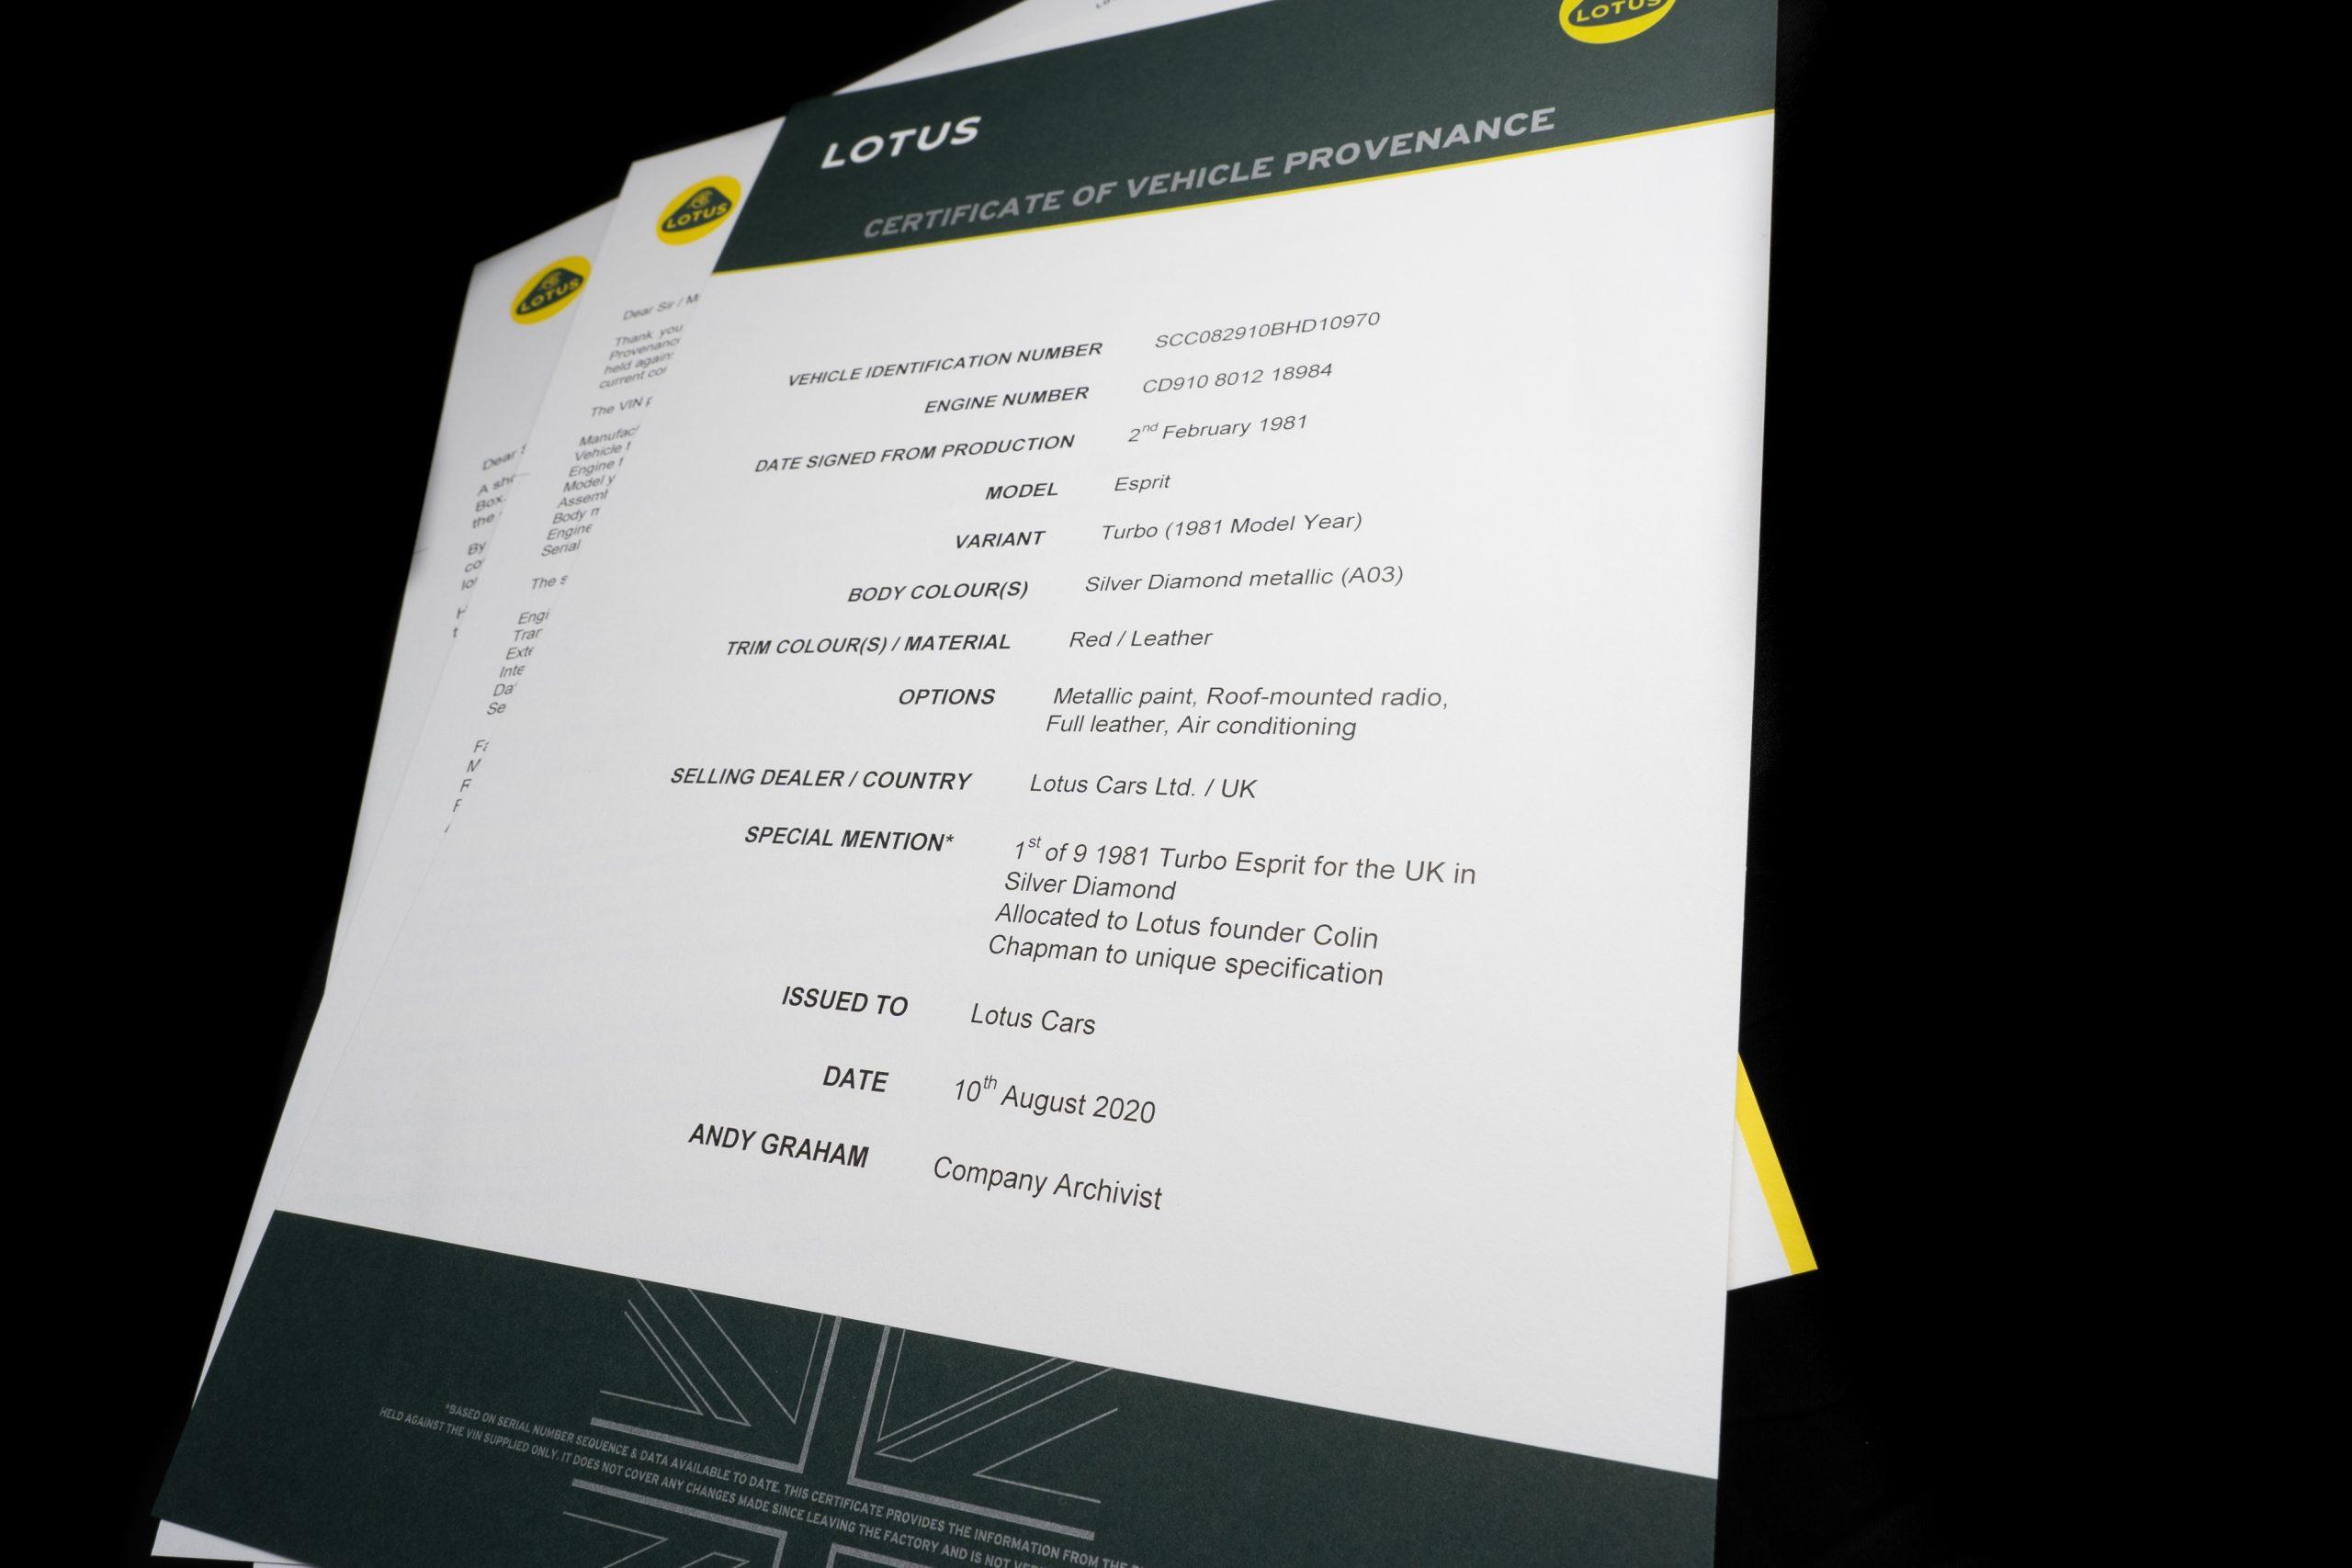 Lotus Esprit specs provenance certificate